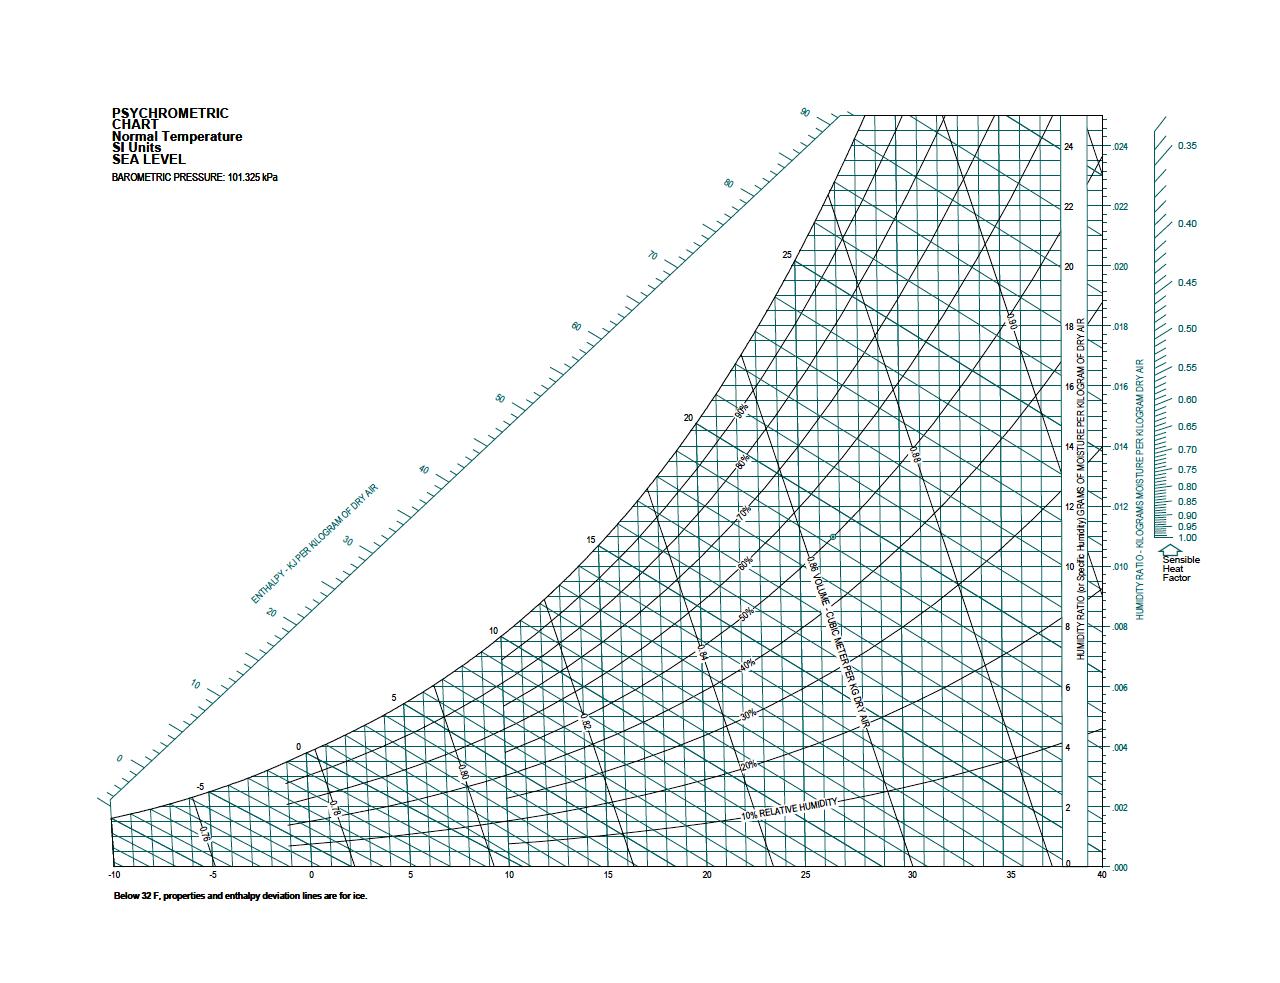 نمودار سایکرومتریک SI